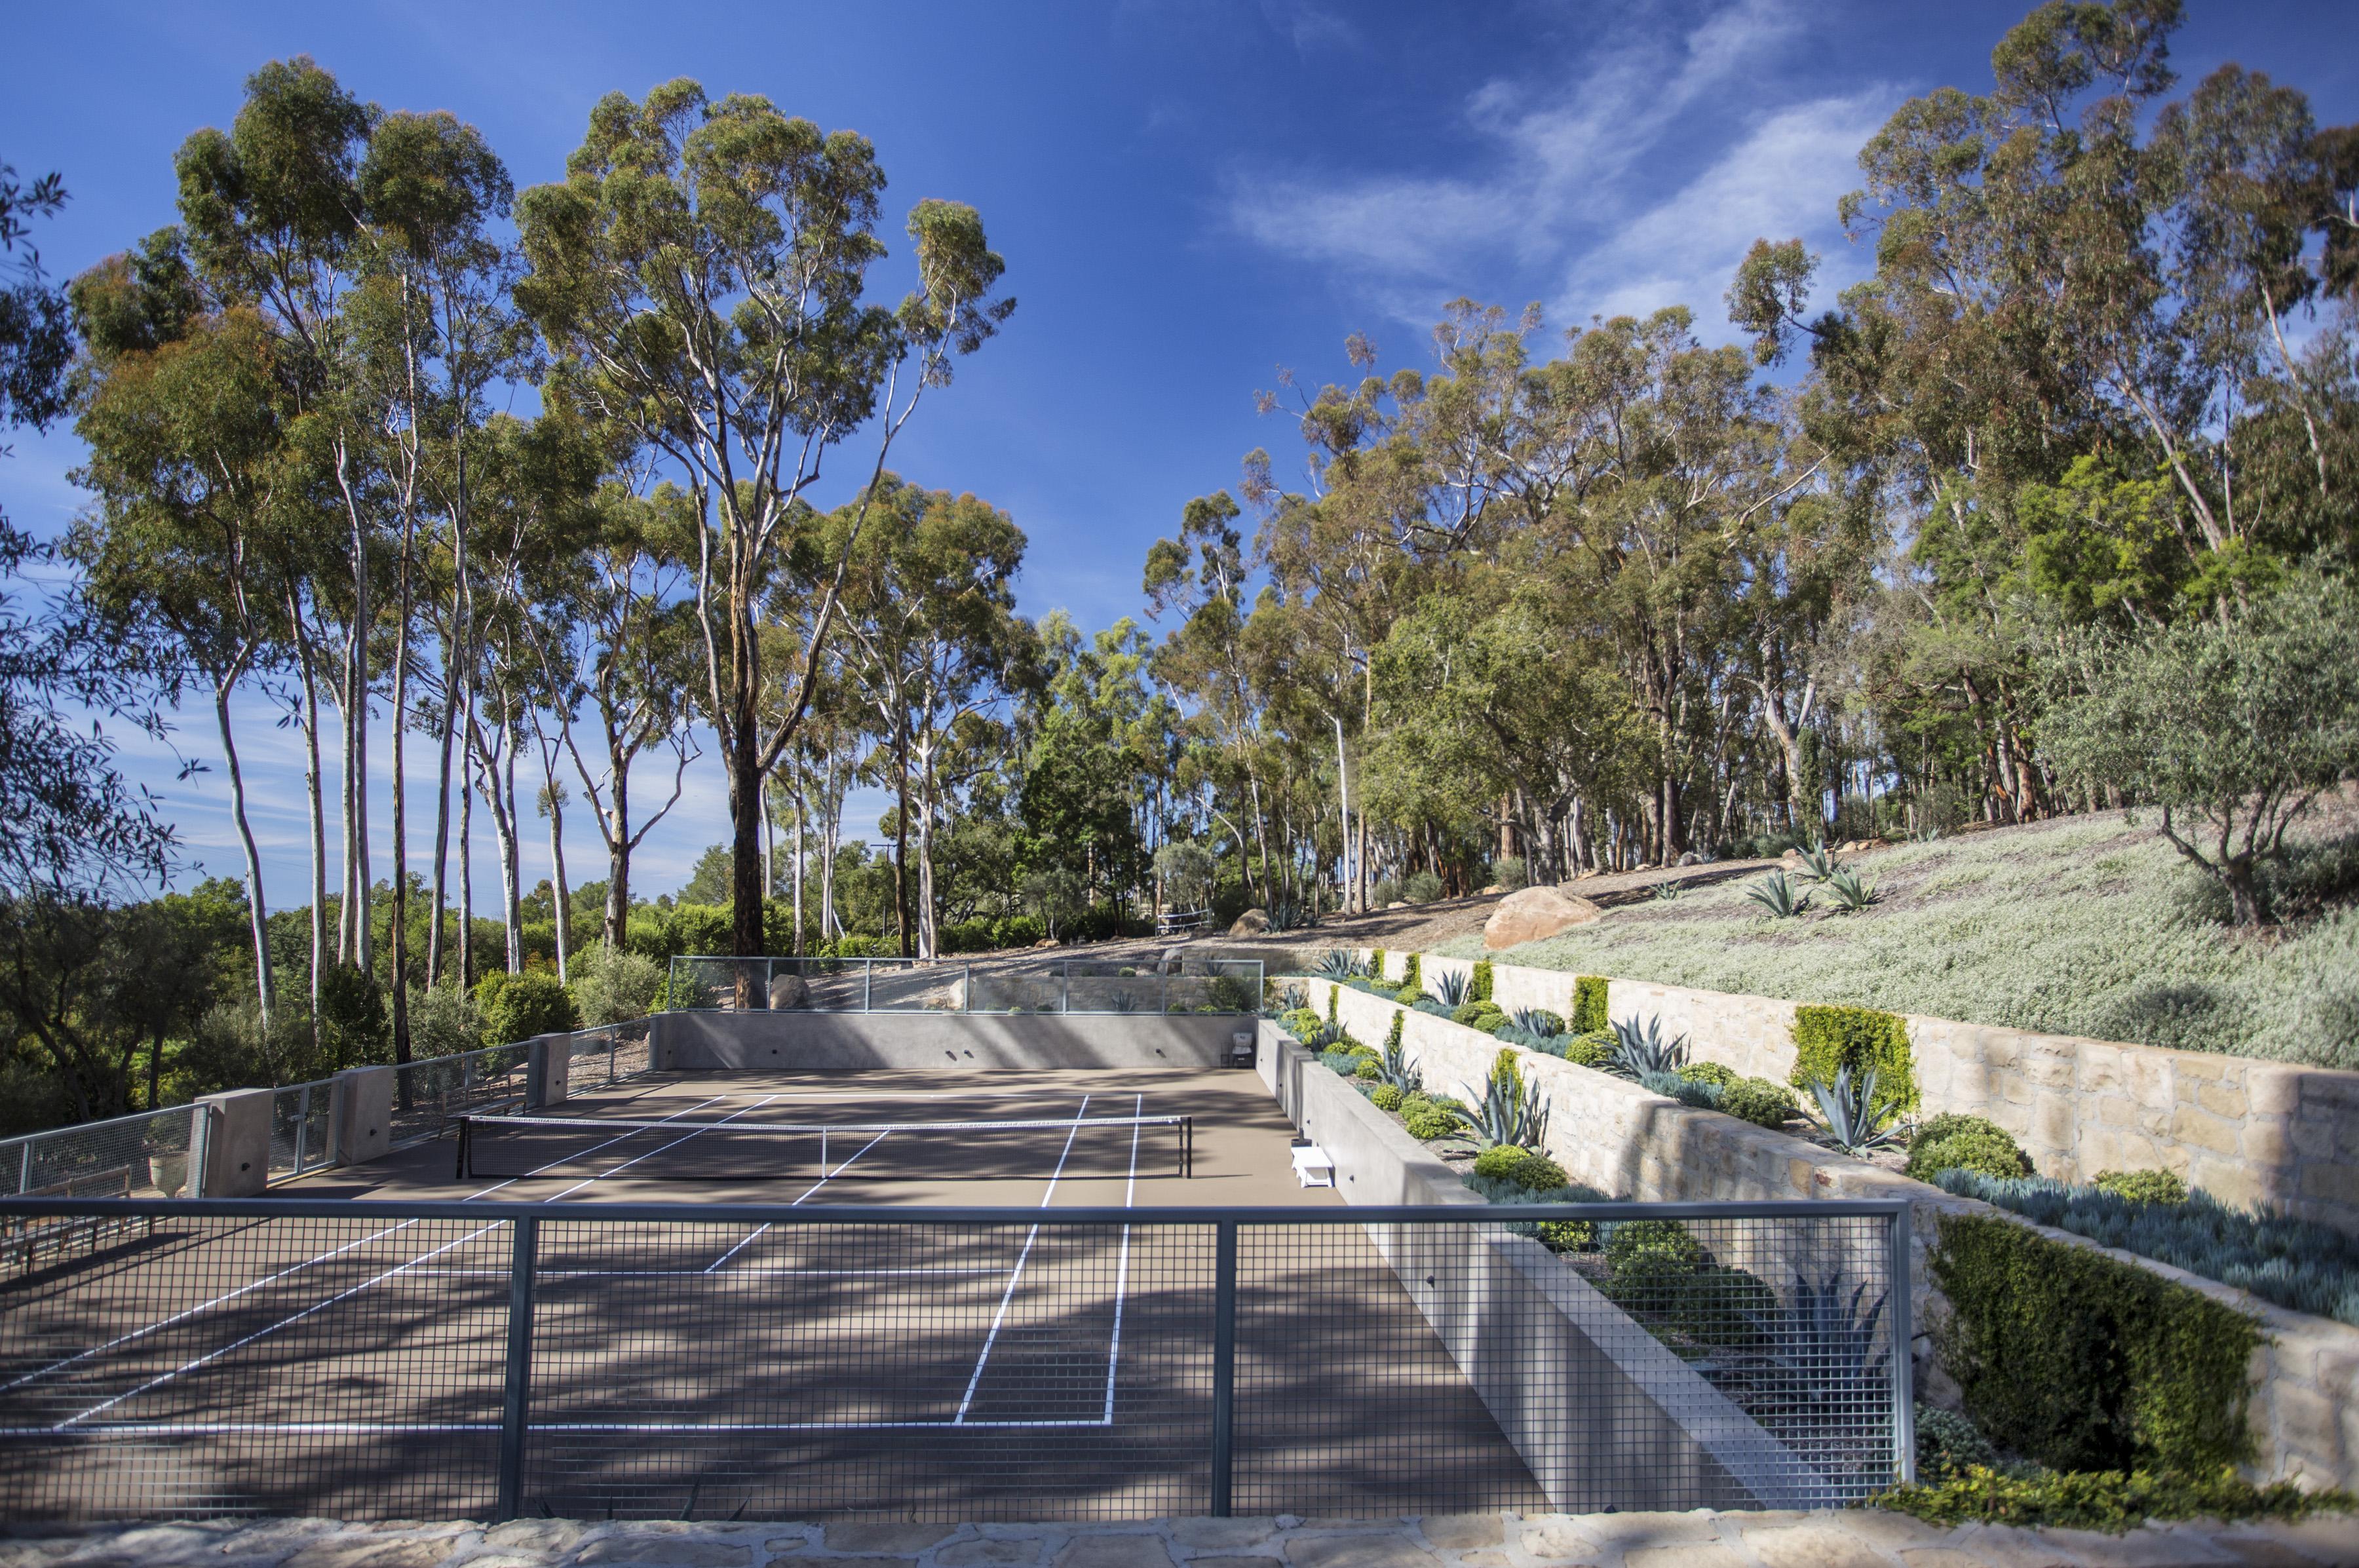 60-2840HiddenValley_38-Tennis Court